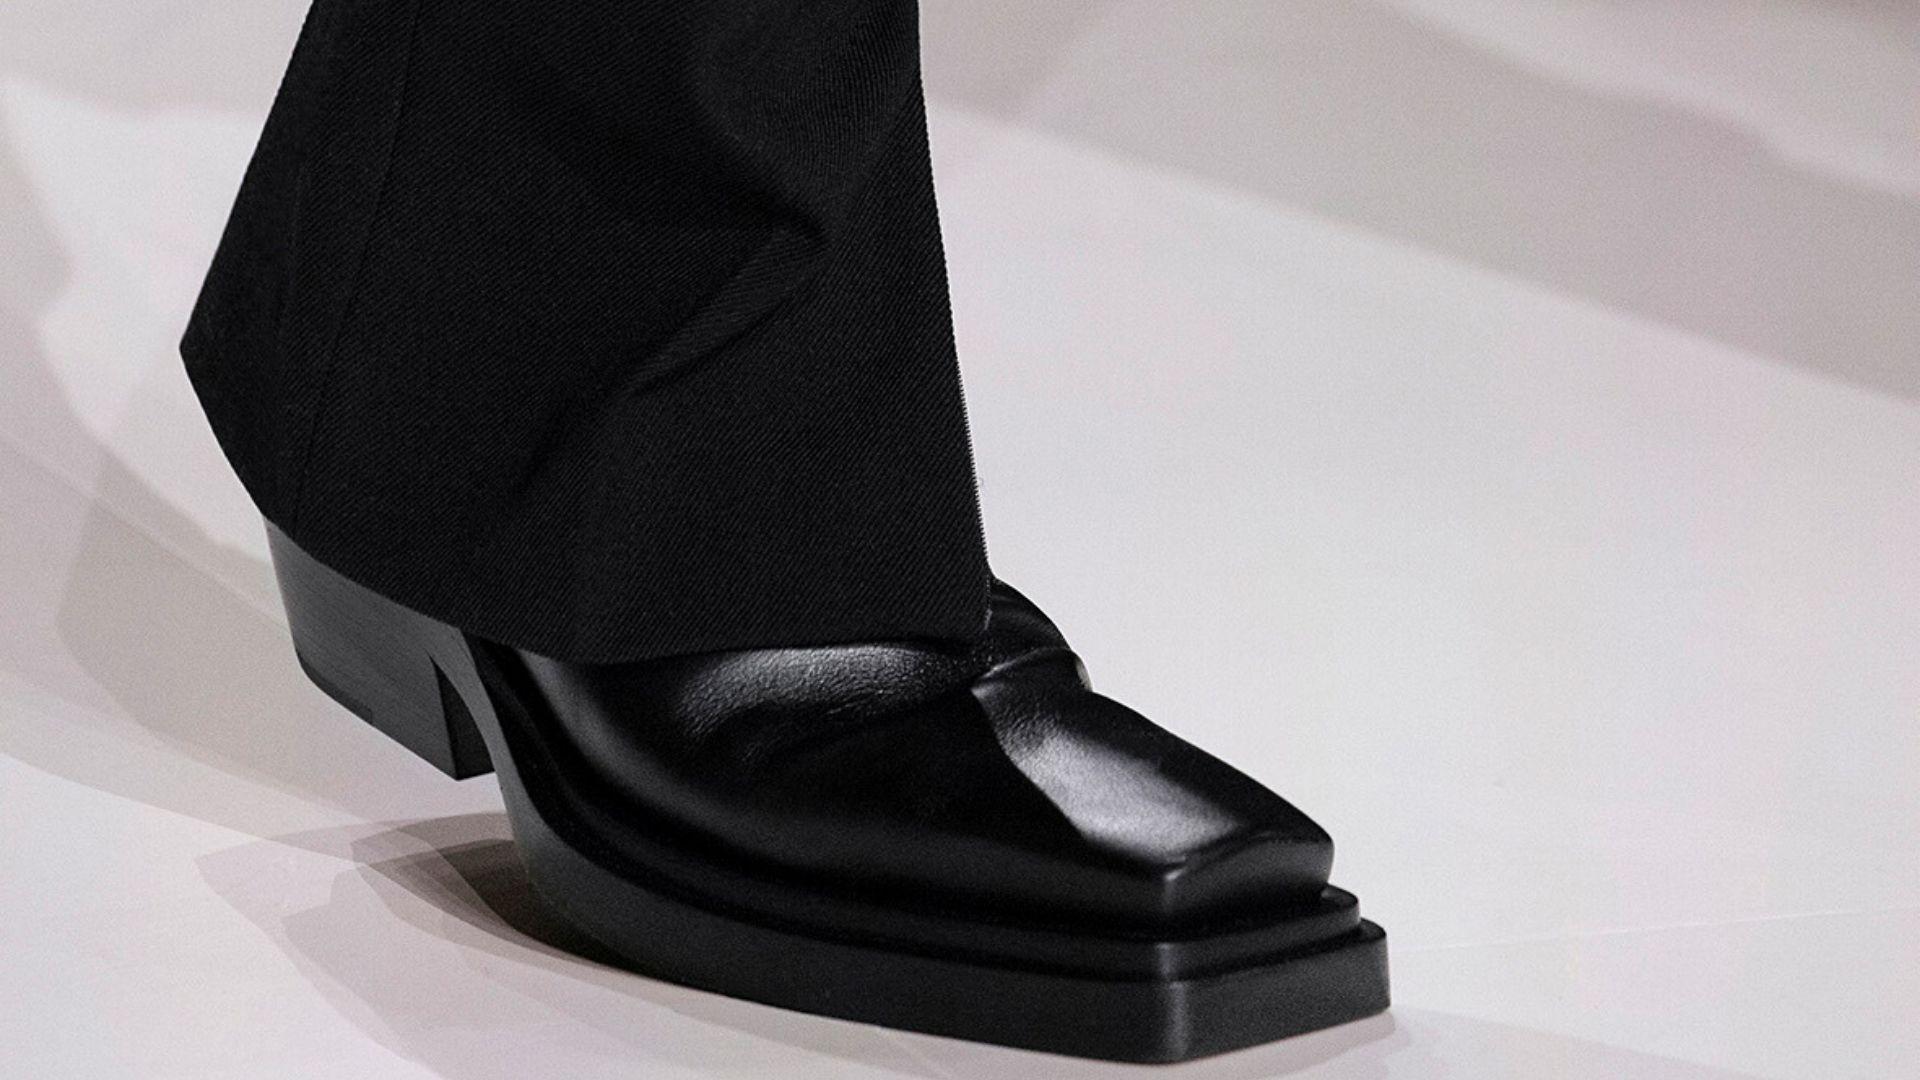 bottega, bottega veneta, fw2020, fw20, runway, runway report, menswear, fashion, esquire